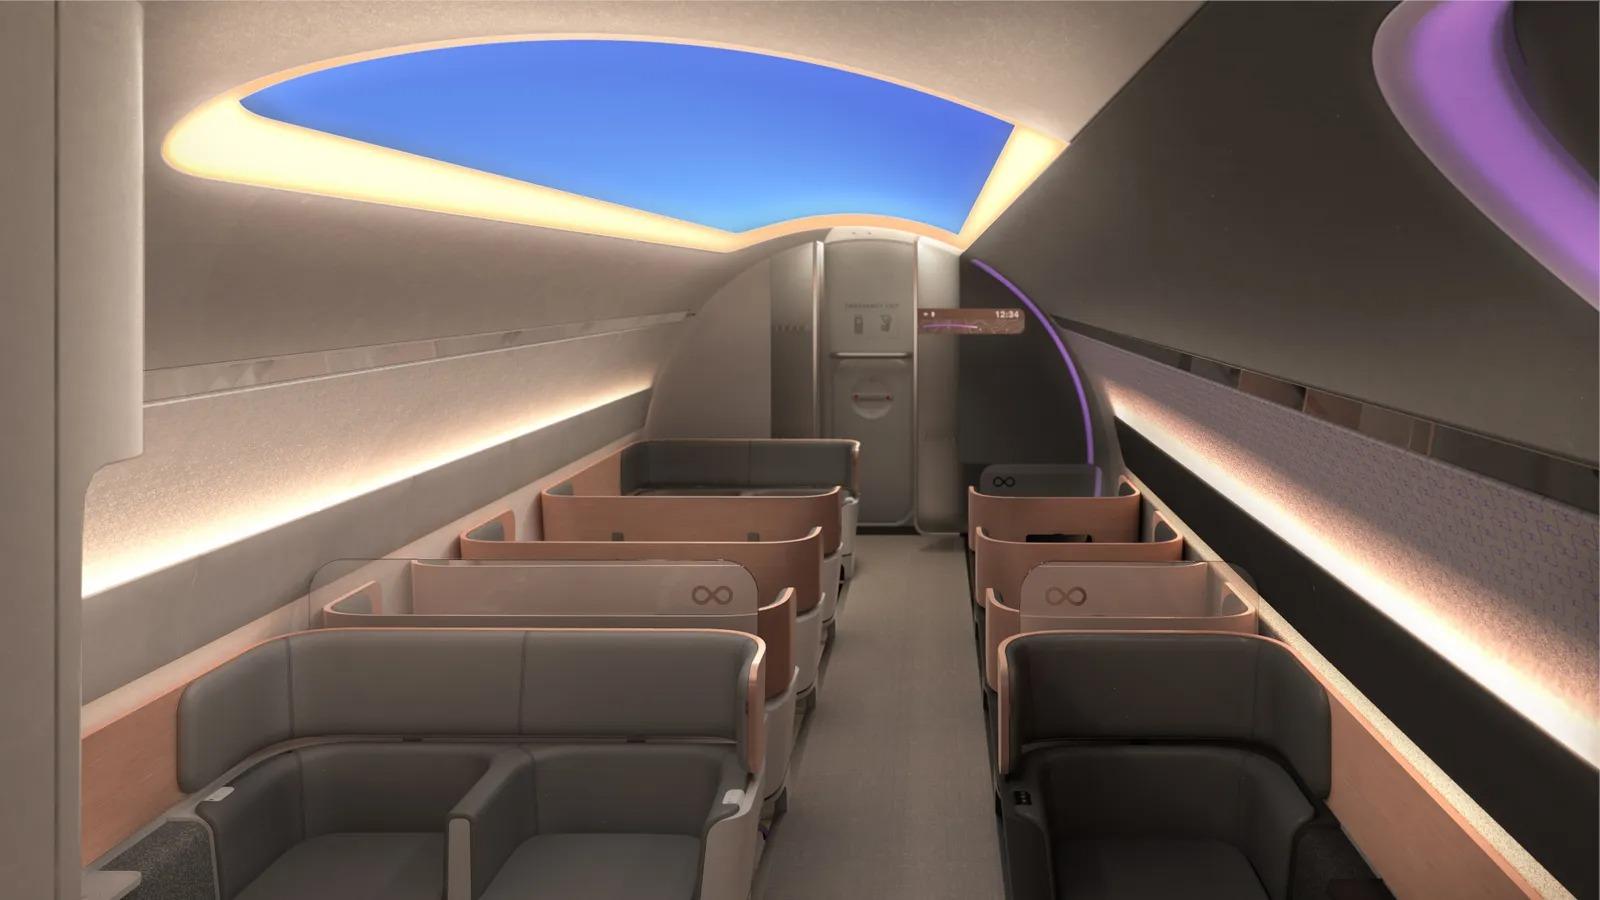 Virgin-Hyperloop-Pod-Interior-05